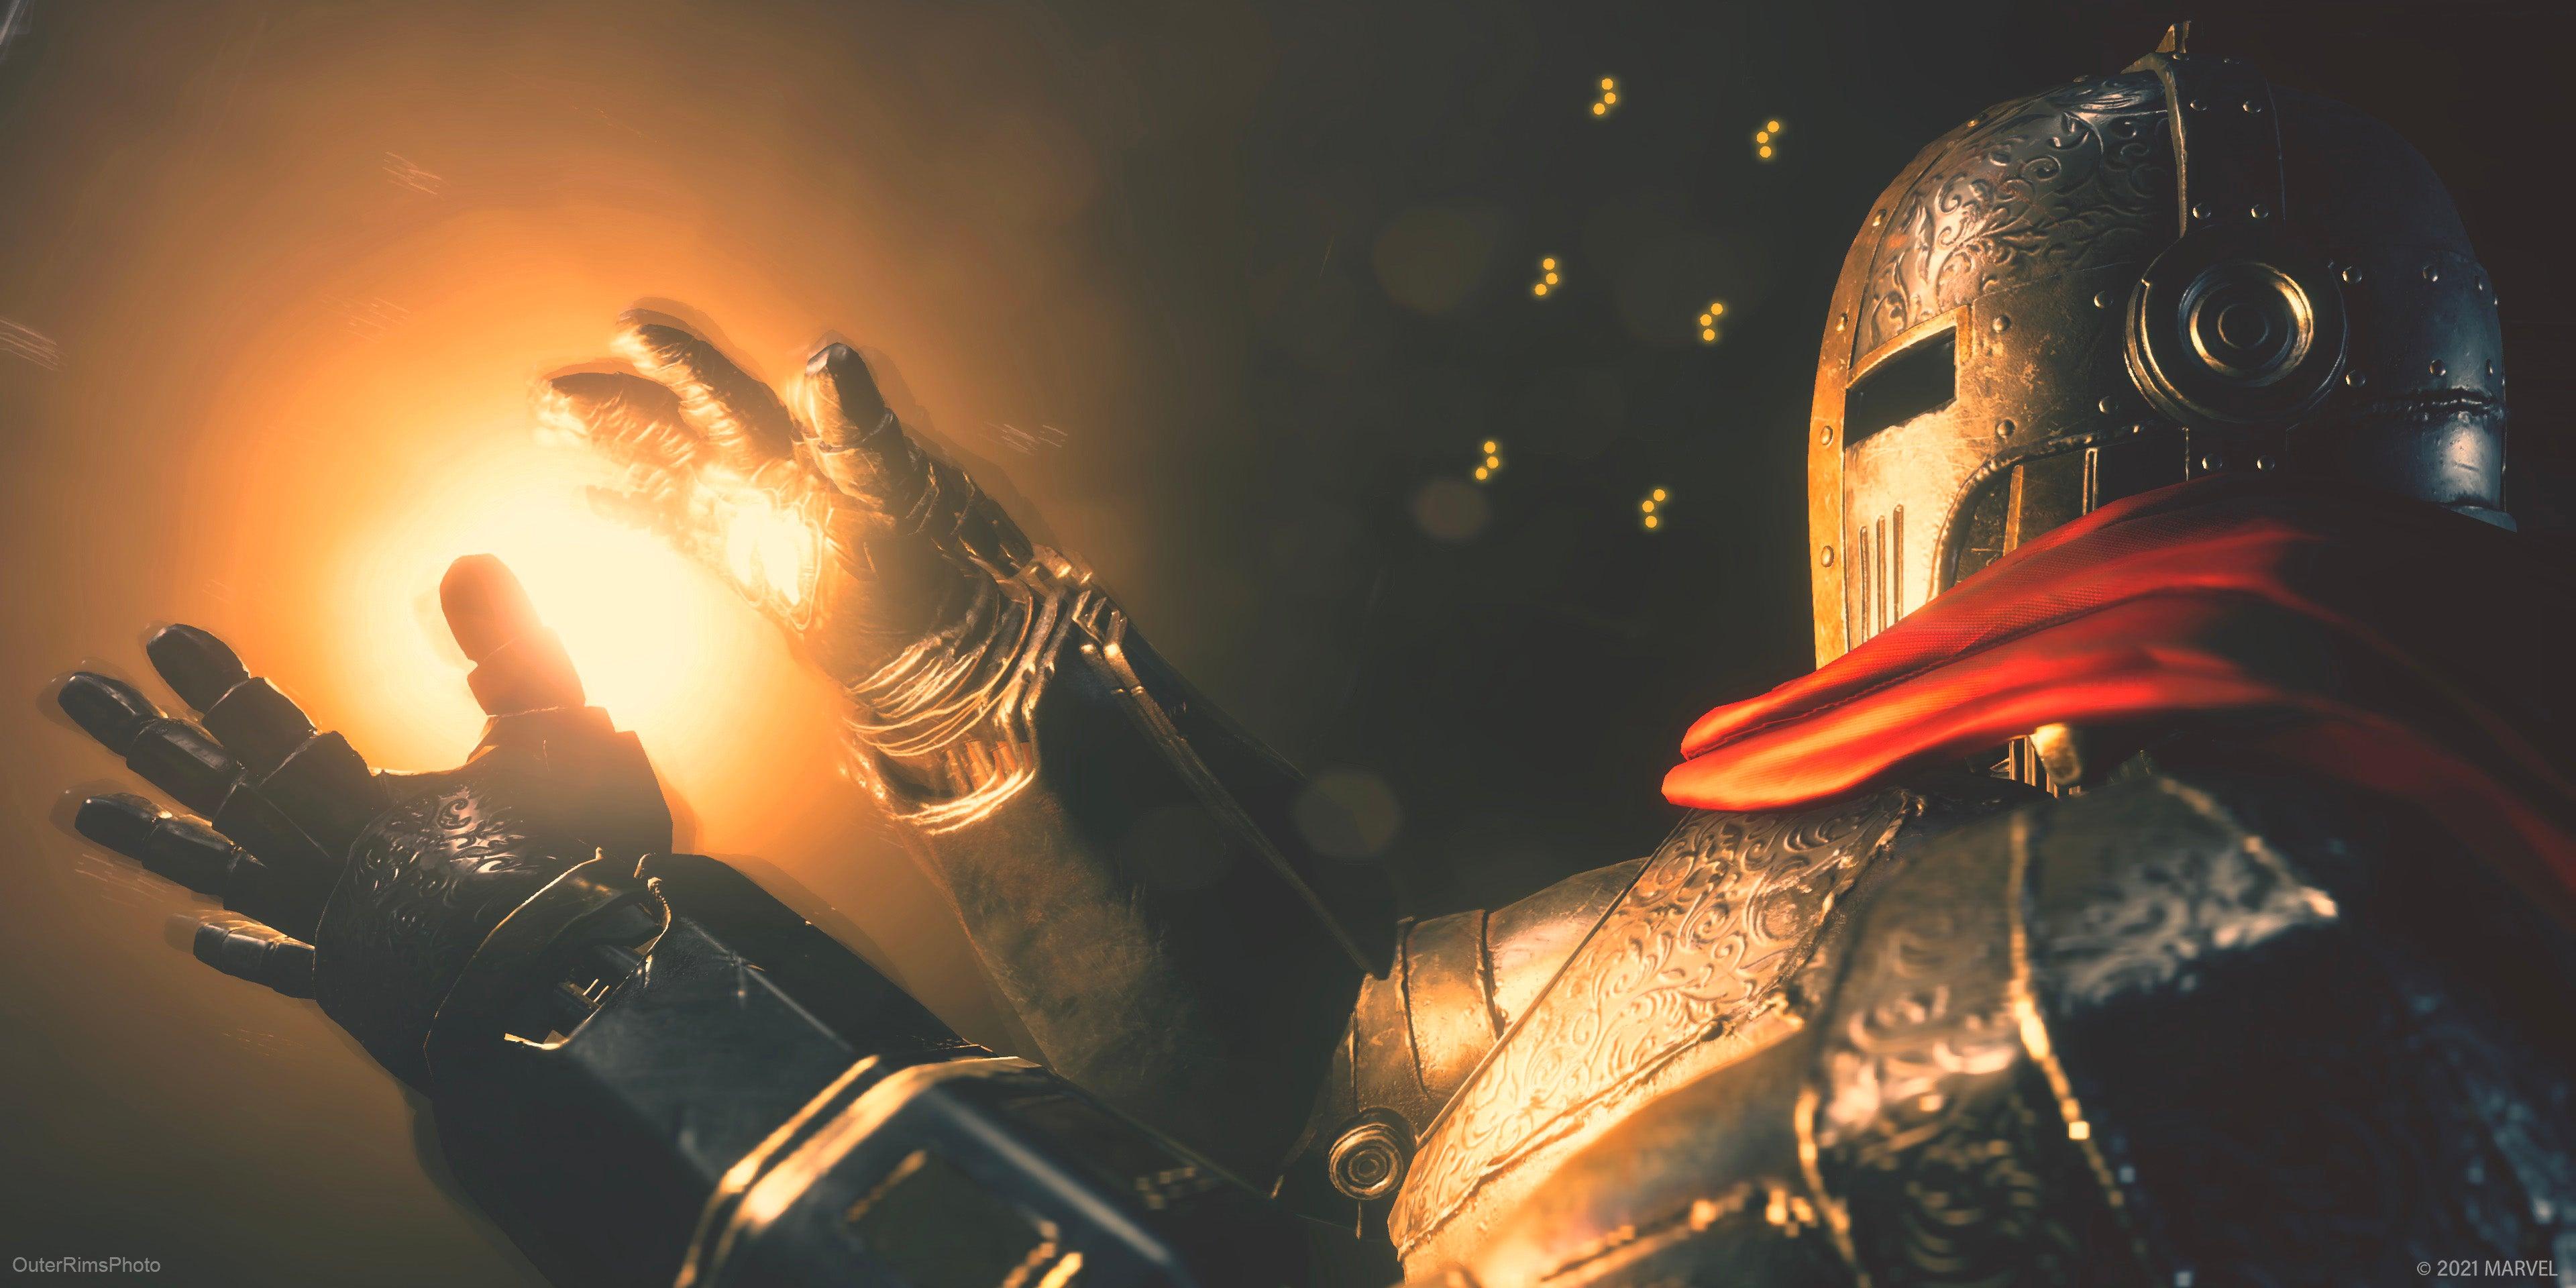 Iron Knight summoning pulsar blast. Digital Photography by OuterRimsPhoto.